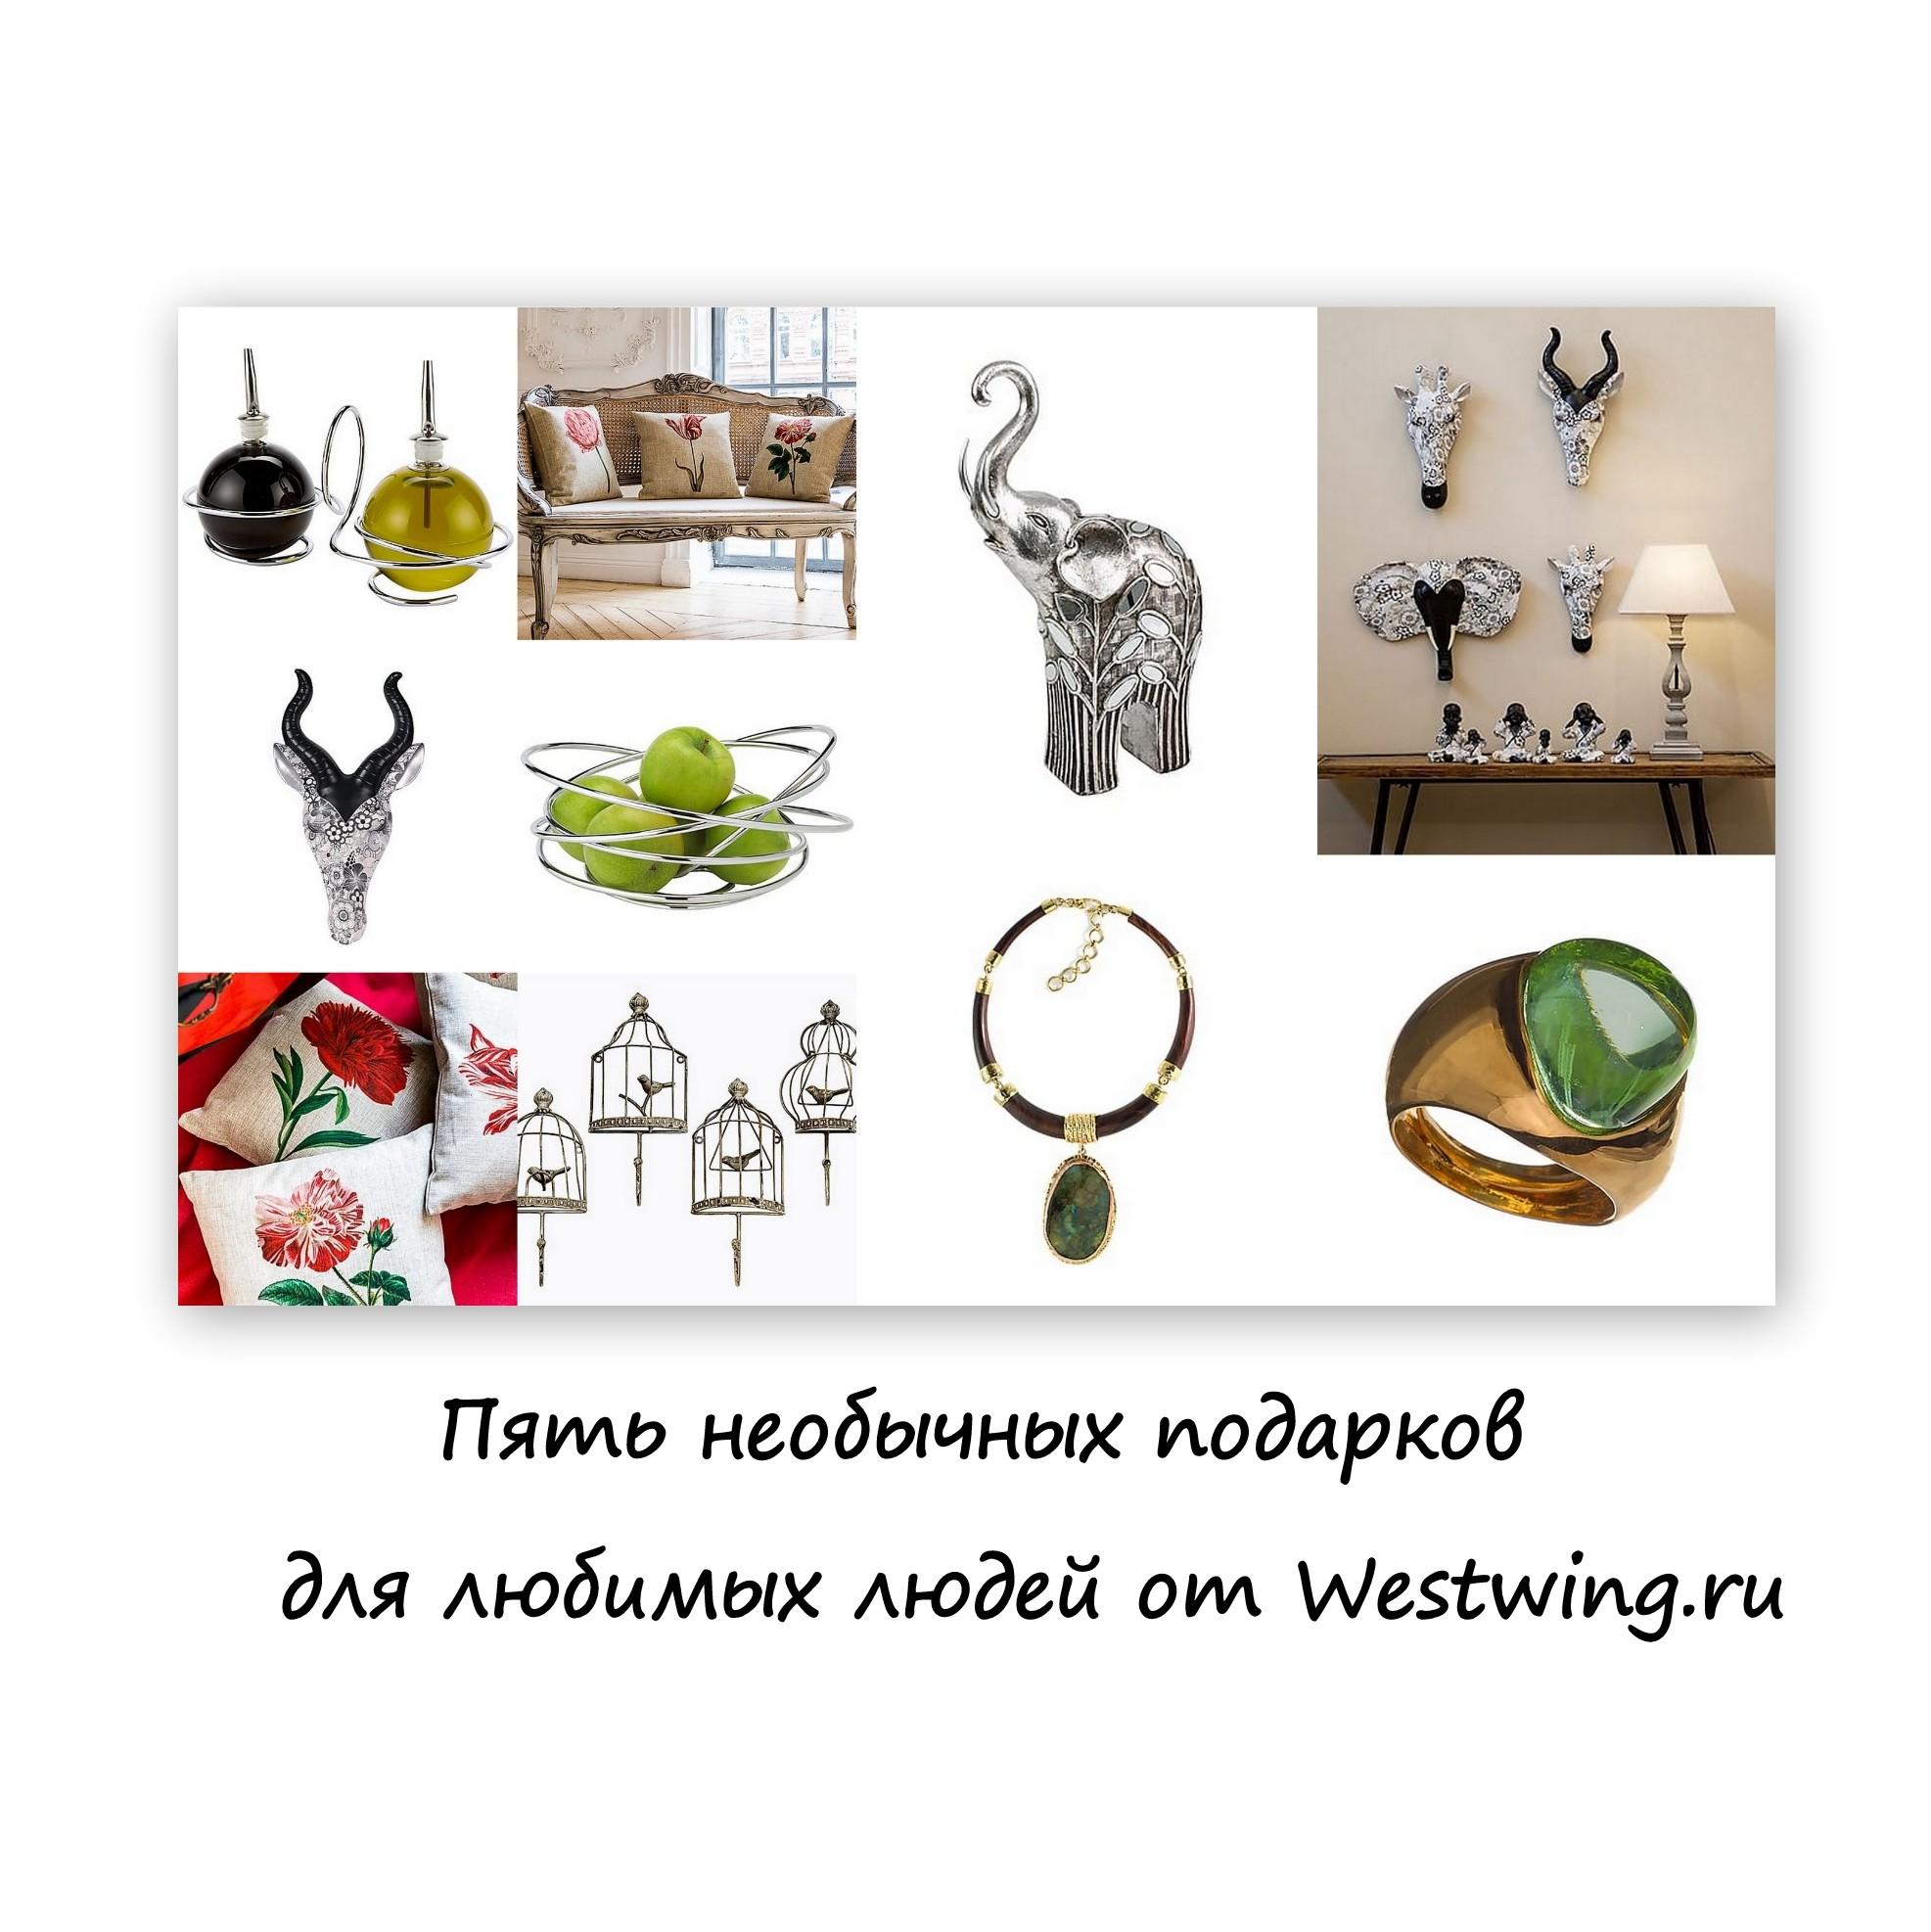 Пять необычных подарков для любимых людей от Westwing.ru